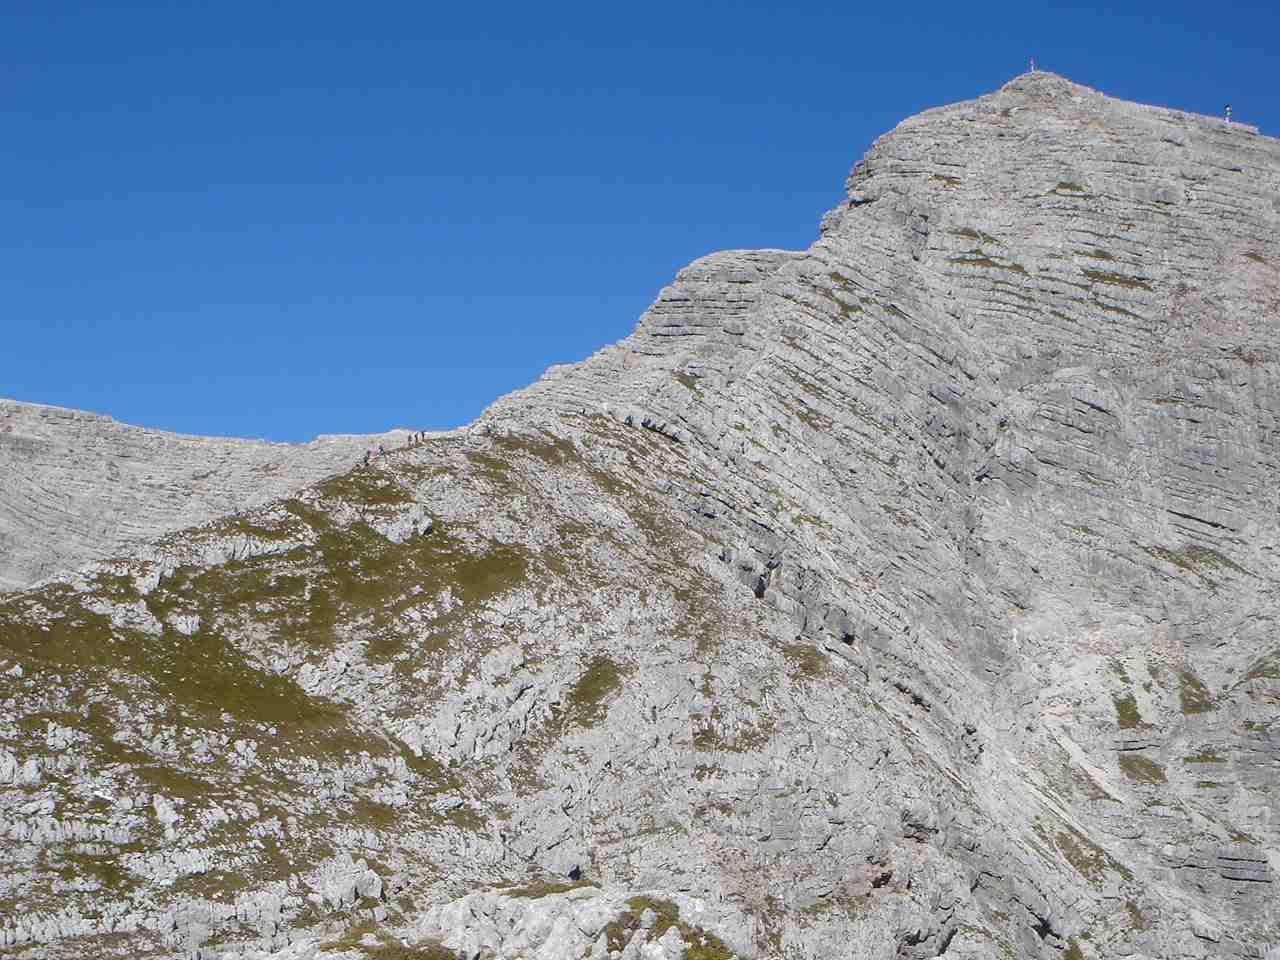 Foto: Manfred Karl / Wandertour / Warscheneck über den SO-Grat / An schönen Tagen tut sich ganz schön was am Südostgrat. / 05.05.2007 20:55:19